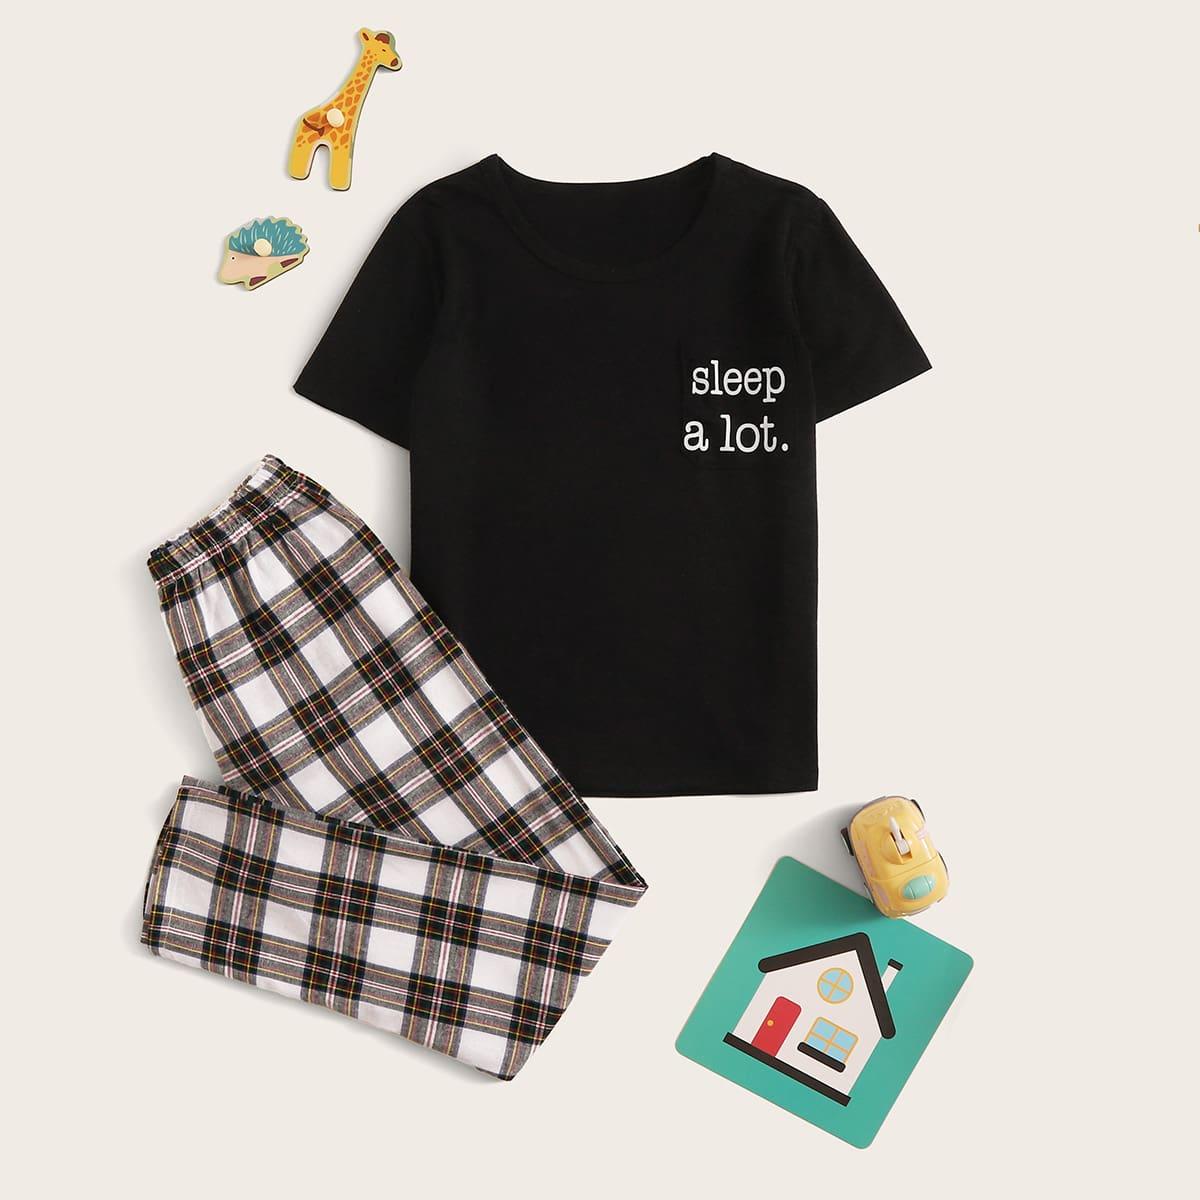 Пижама с текстовым принтом в клетку для мальчиков от SHEIN